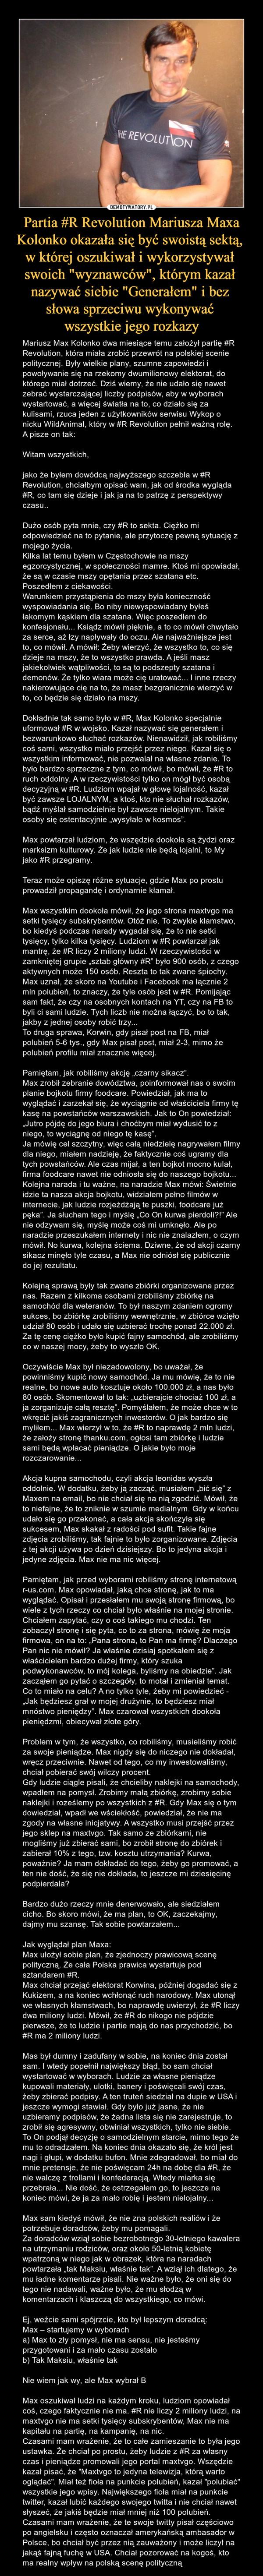 """Partia #R Revolution Mariusza Maxa Kolonko okazała się być swoistą sektą,  w której oszukiwał i wykorzystywał  swoich """"wyznawców"""", którym kazał  nazywać siebie """"Generałem"""" i bez  słowa sprzeciwu wykonywać  wszystkie jego rozkazy"""